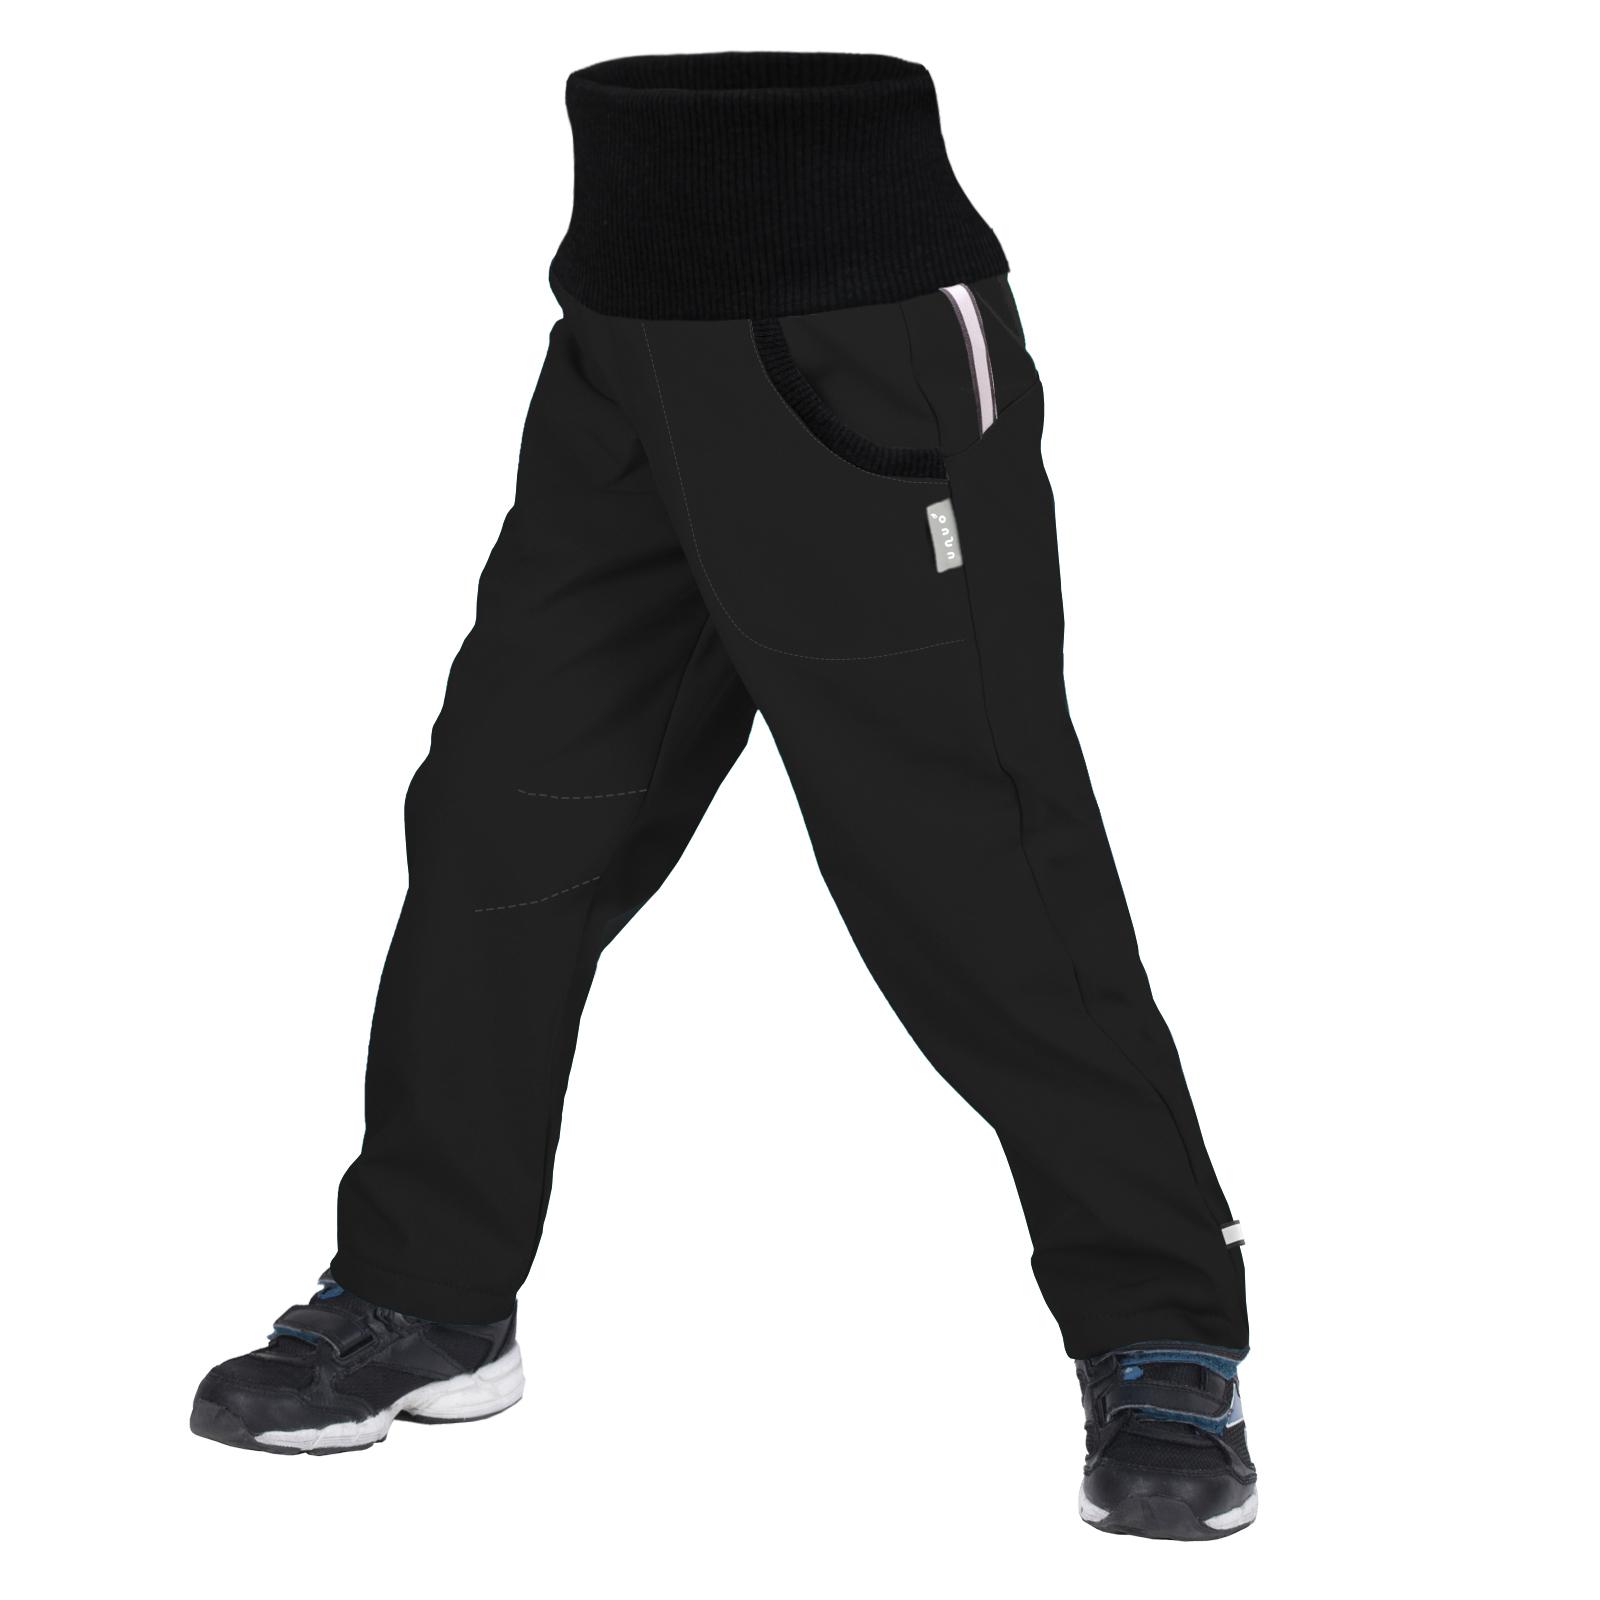 Unuo Softshellové kalhoty s fleecem Street, Černá Velikost: 110/116